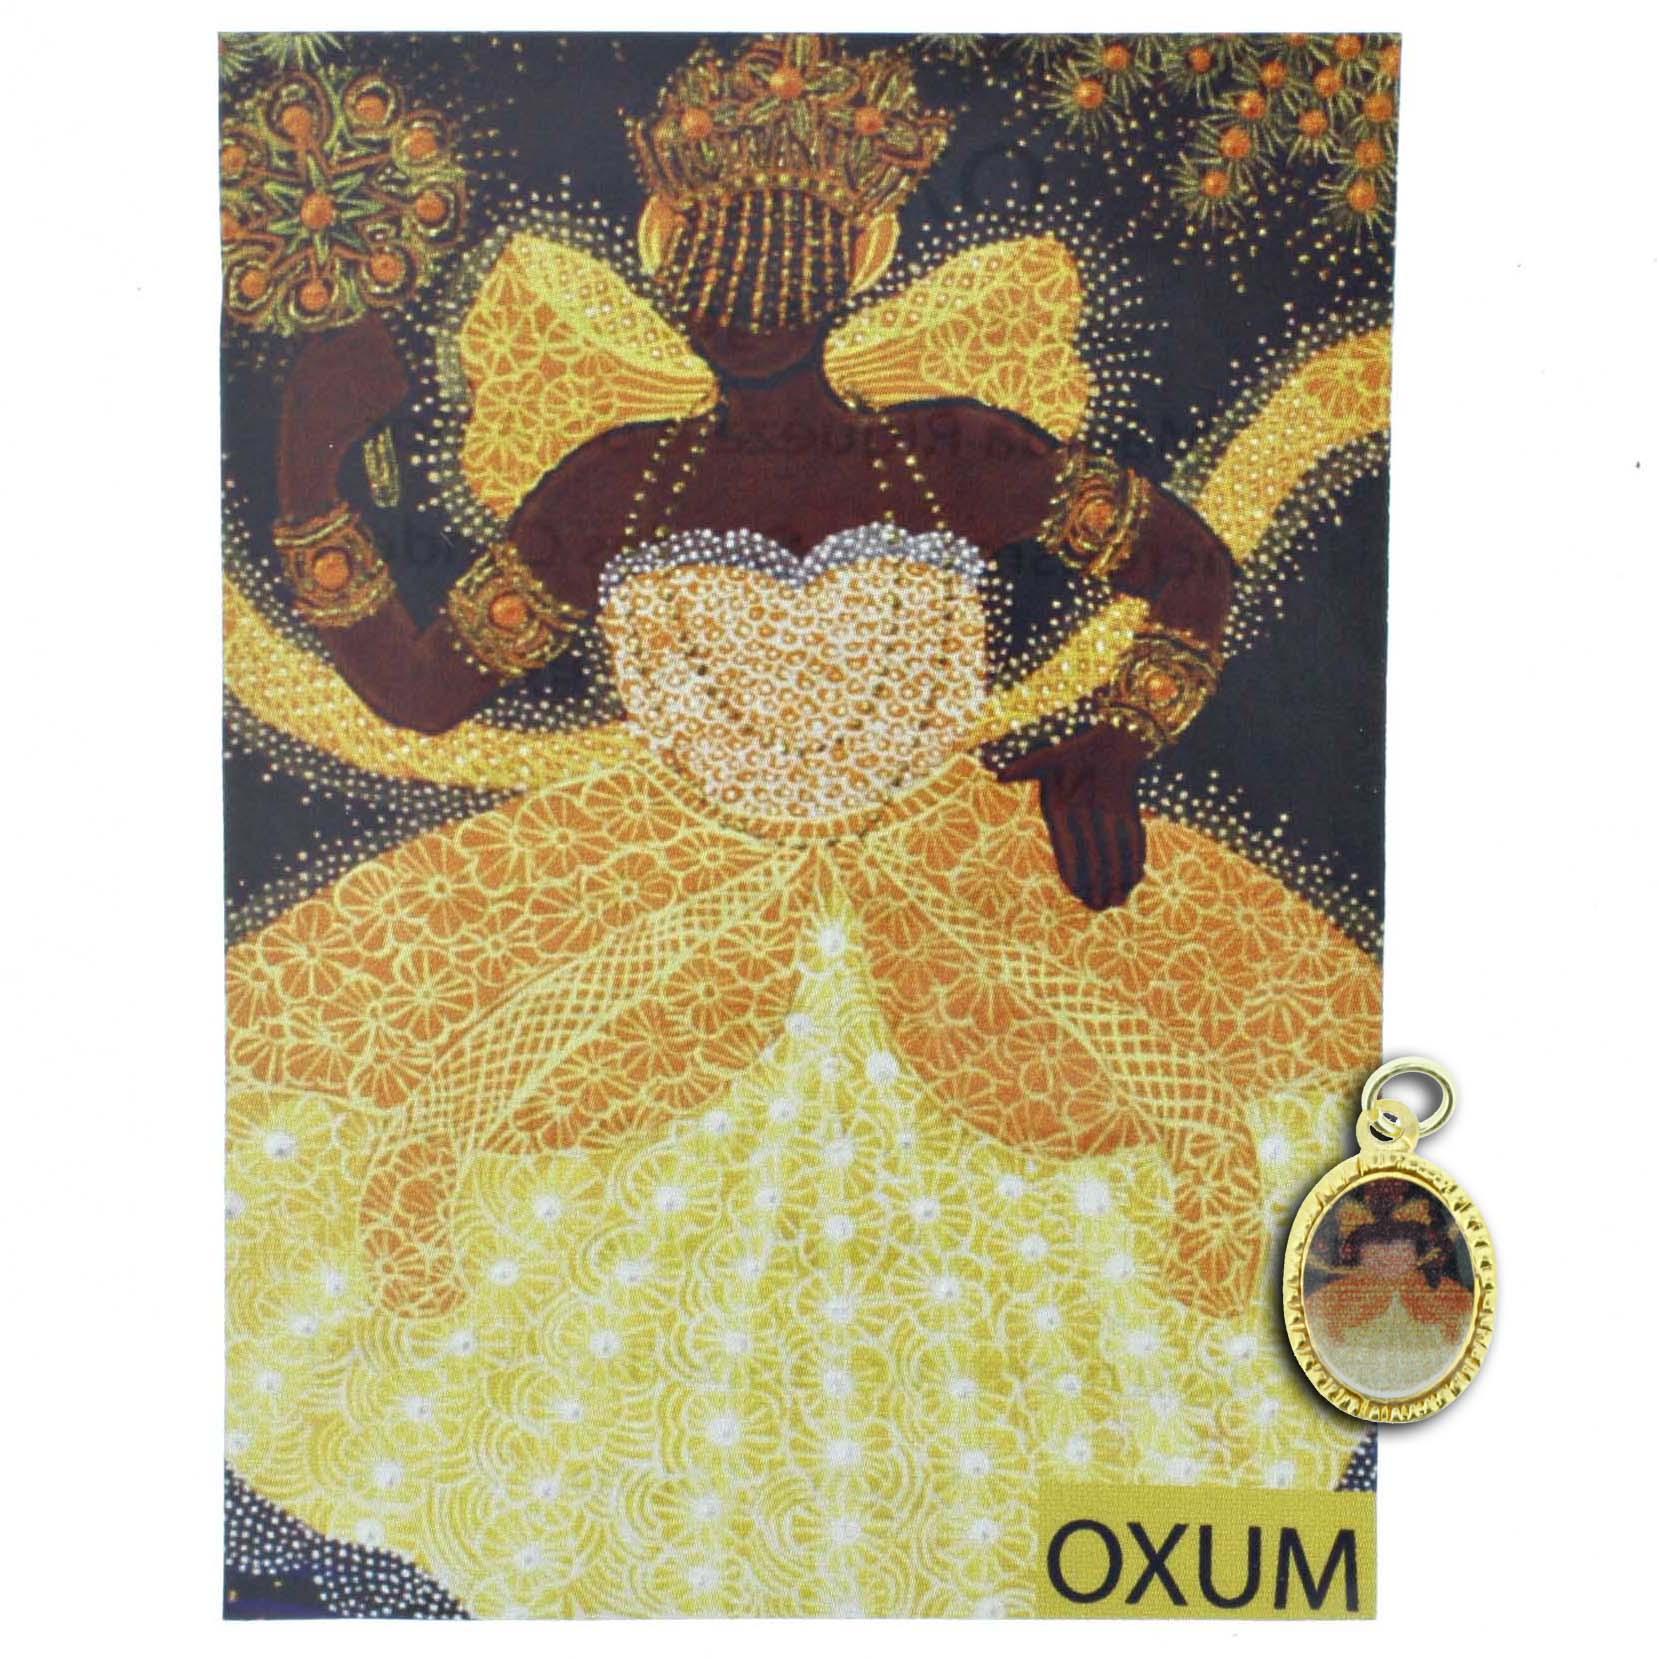 Medalha Oxum + Folheto  - Universo Religioso® - Artigos de Umbanda e Candomblé